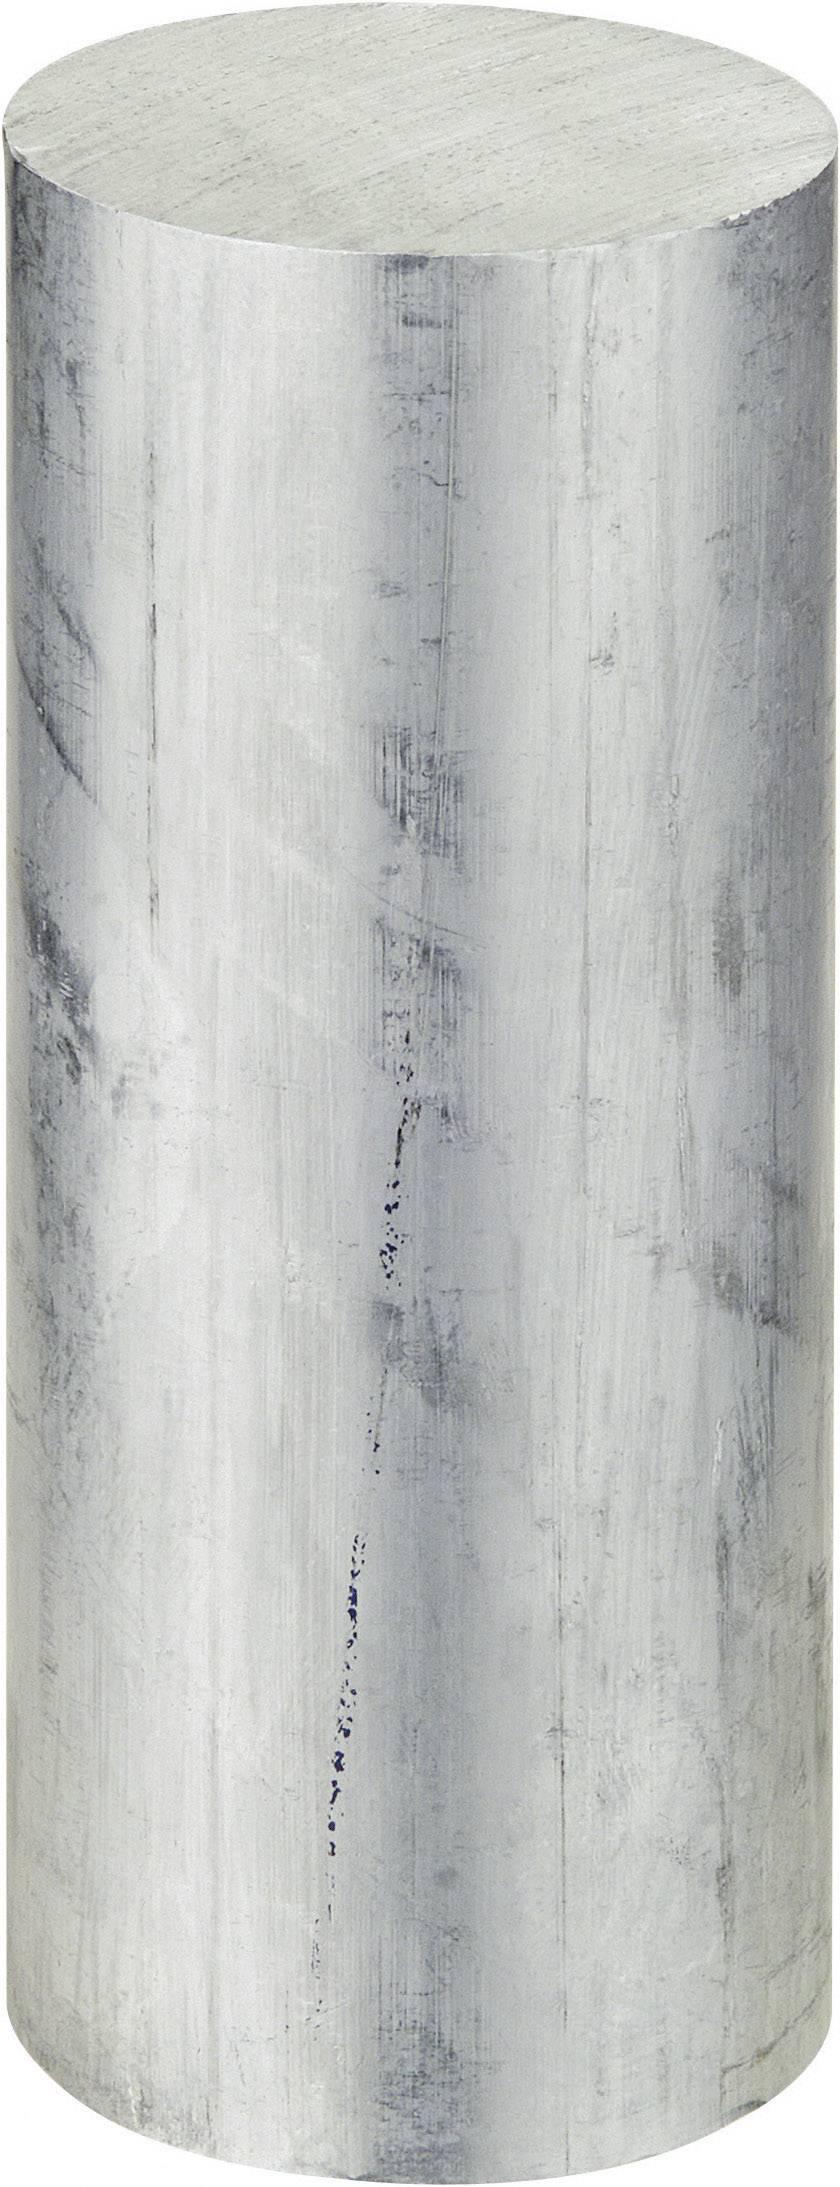 Guľatý profil Reely 237282, (Ø x d) 35 mm x 100 mm, hliník